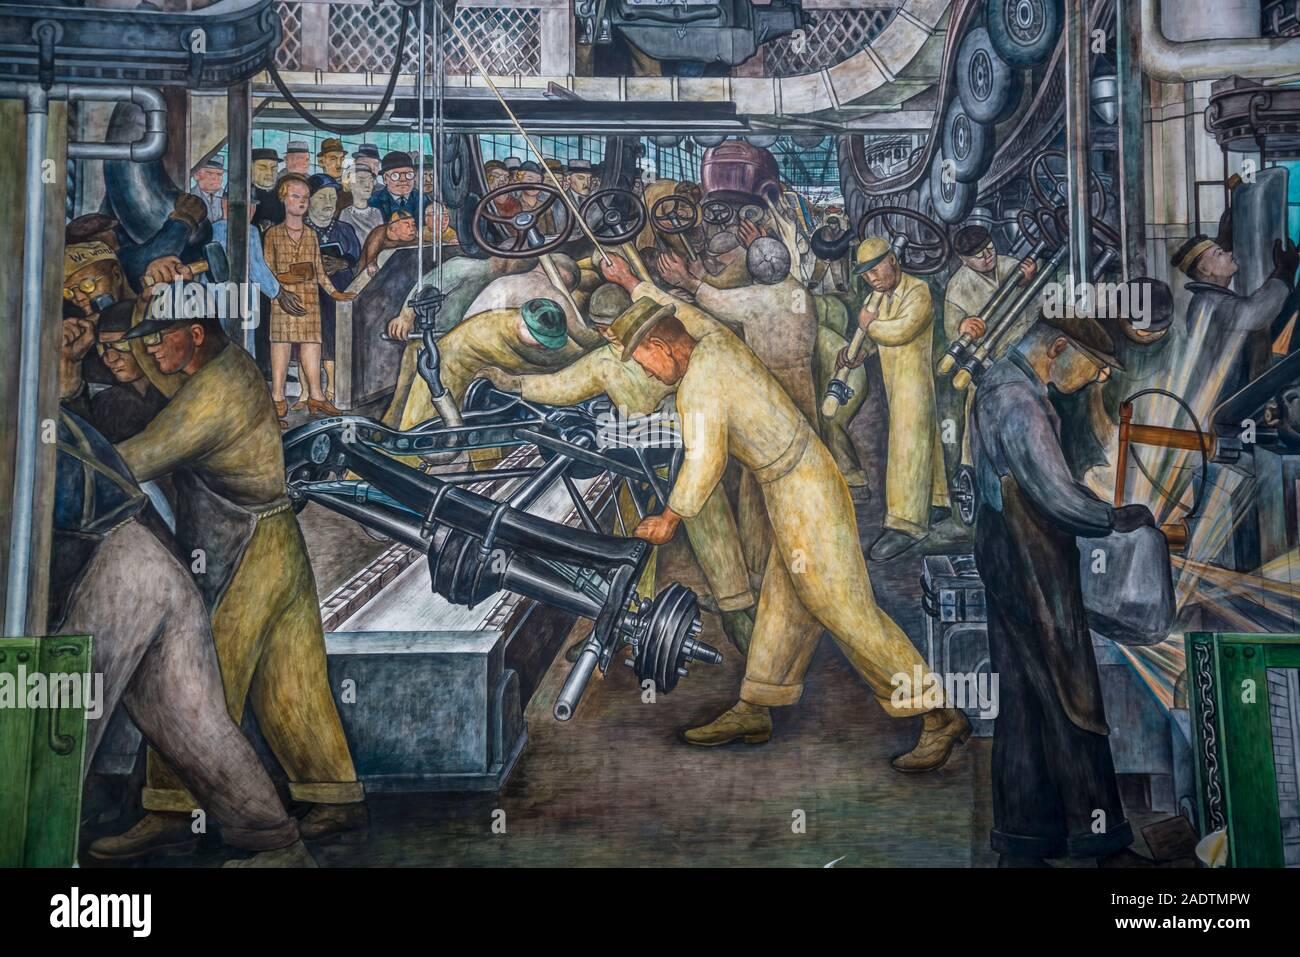 L'industrie de Detroit de murales, une série de fresques par l'artiste mexicain Diego Rivera, représentant l'industrie à la Ford Motor Company, la Cour Rivera Banque D'Images